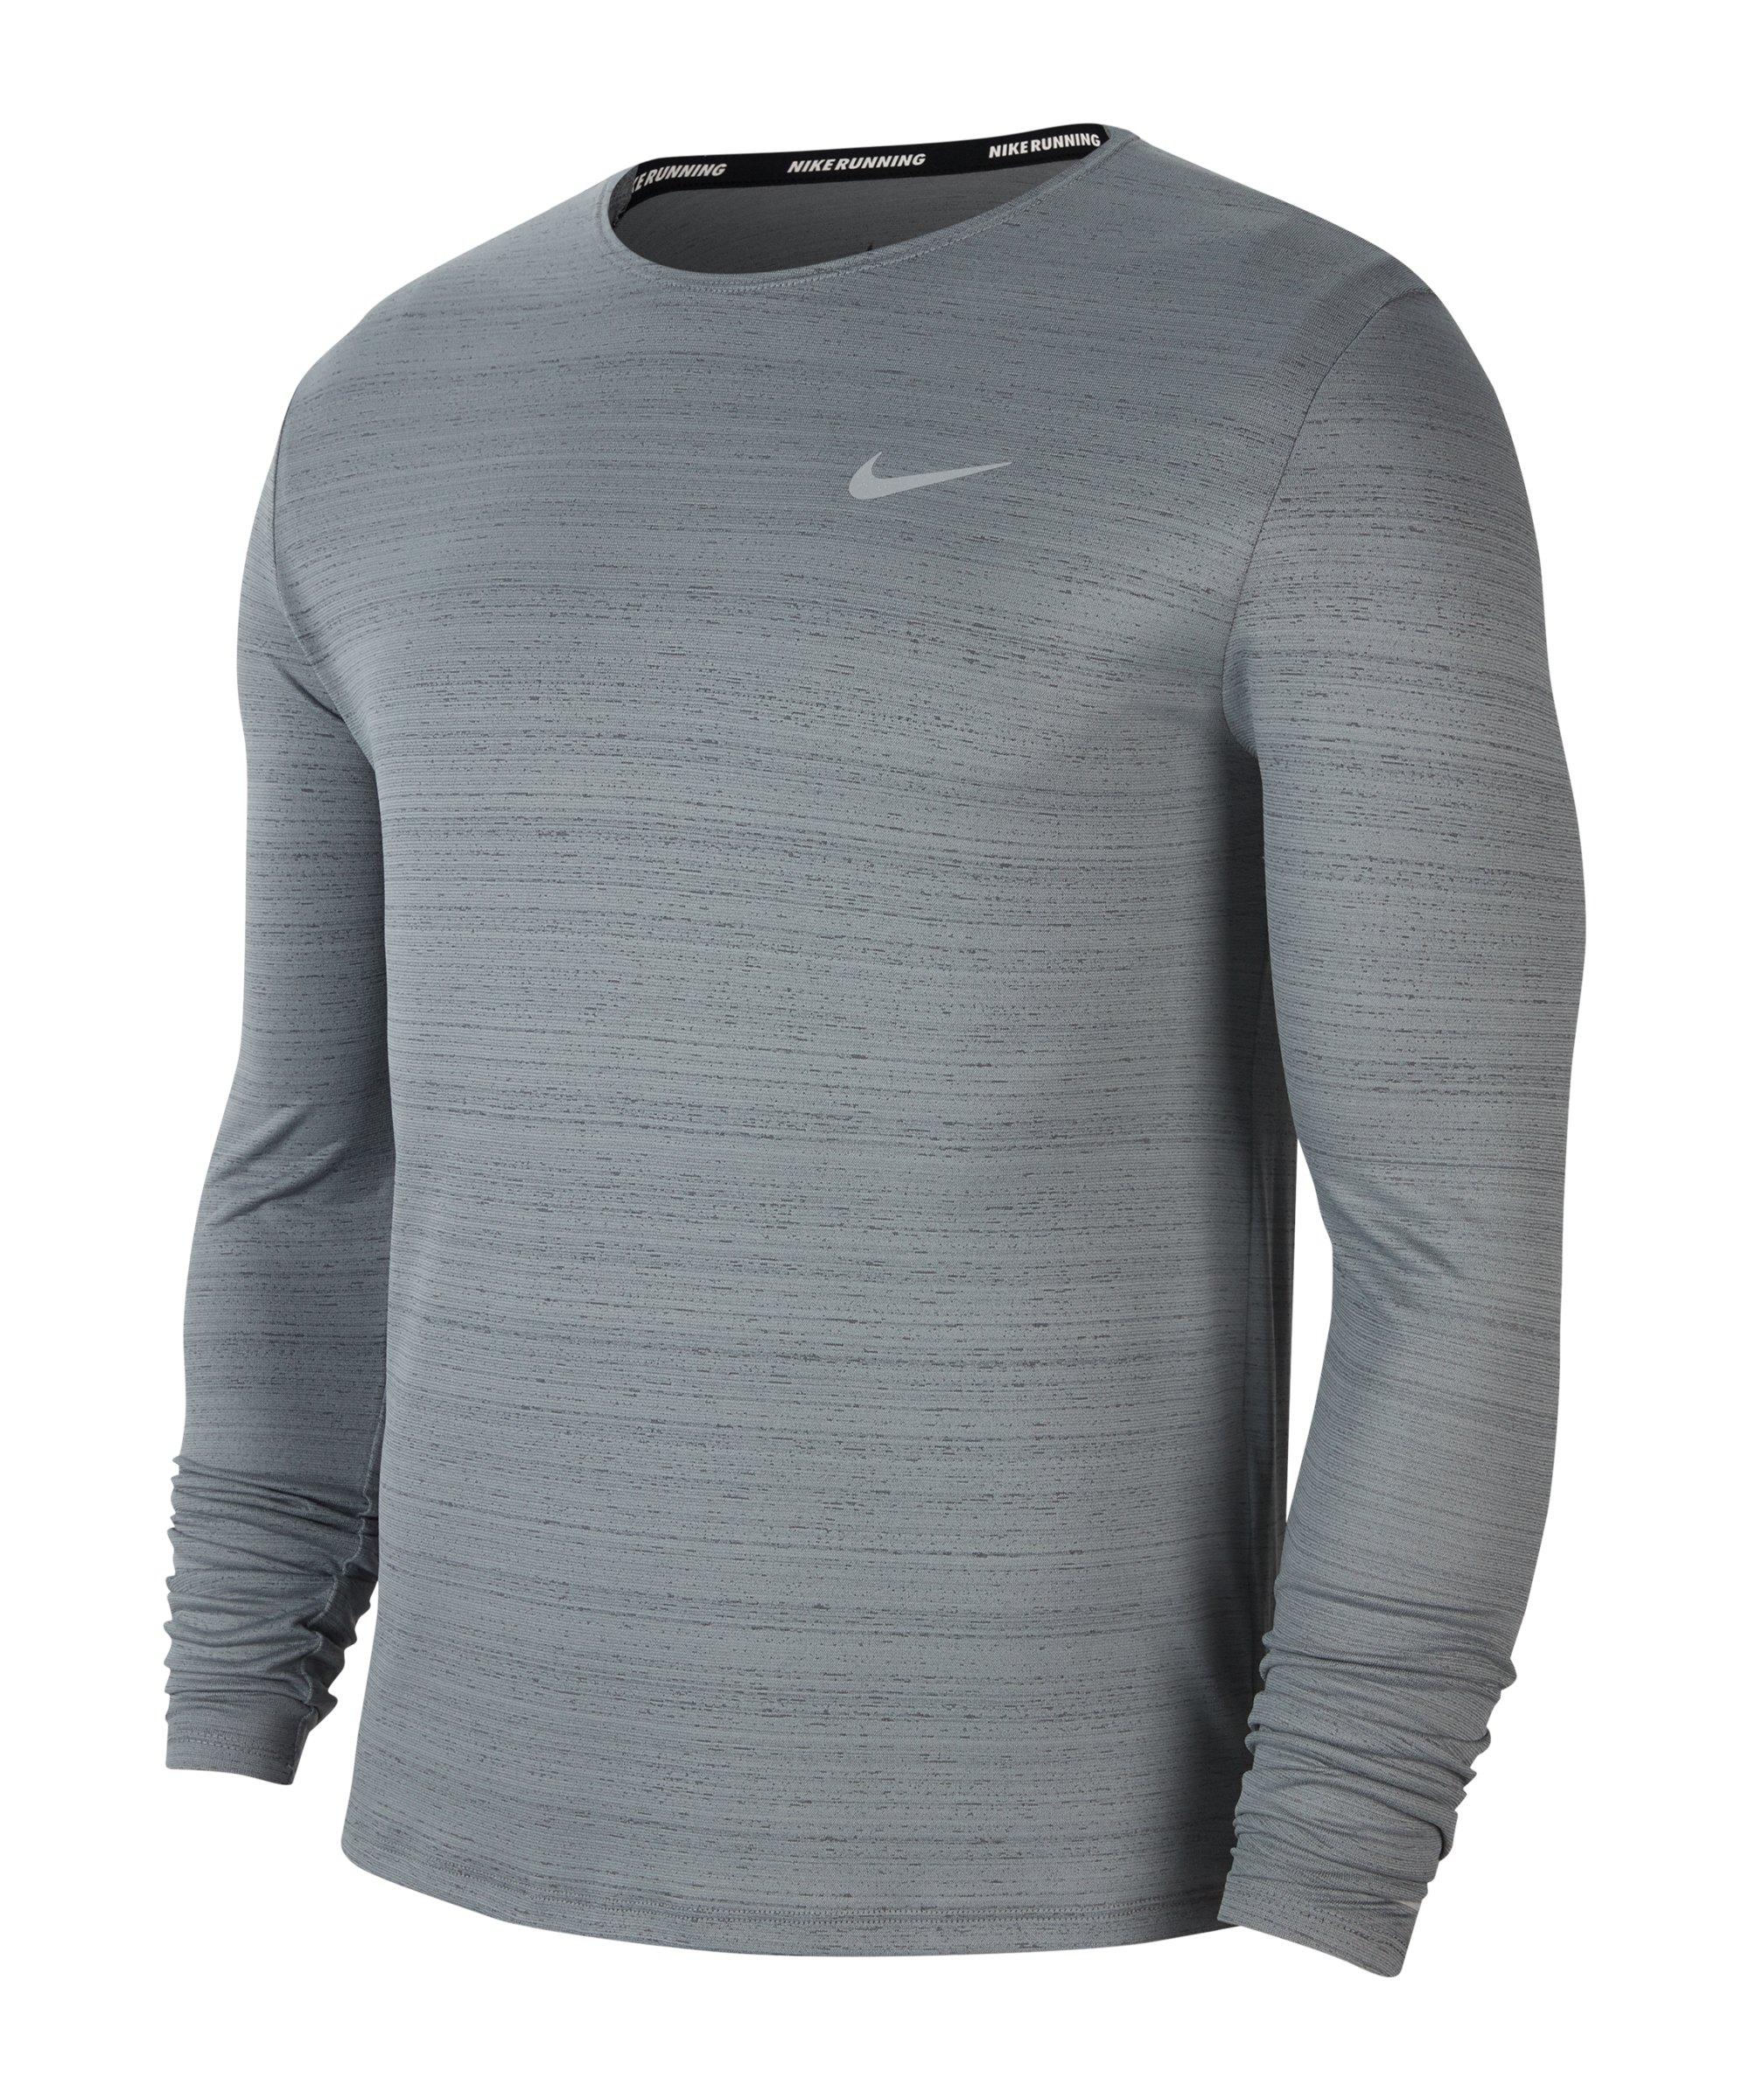 Nike Miler Dri-FIT Top langarm Running F084 - grau